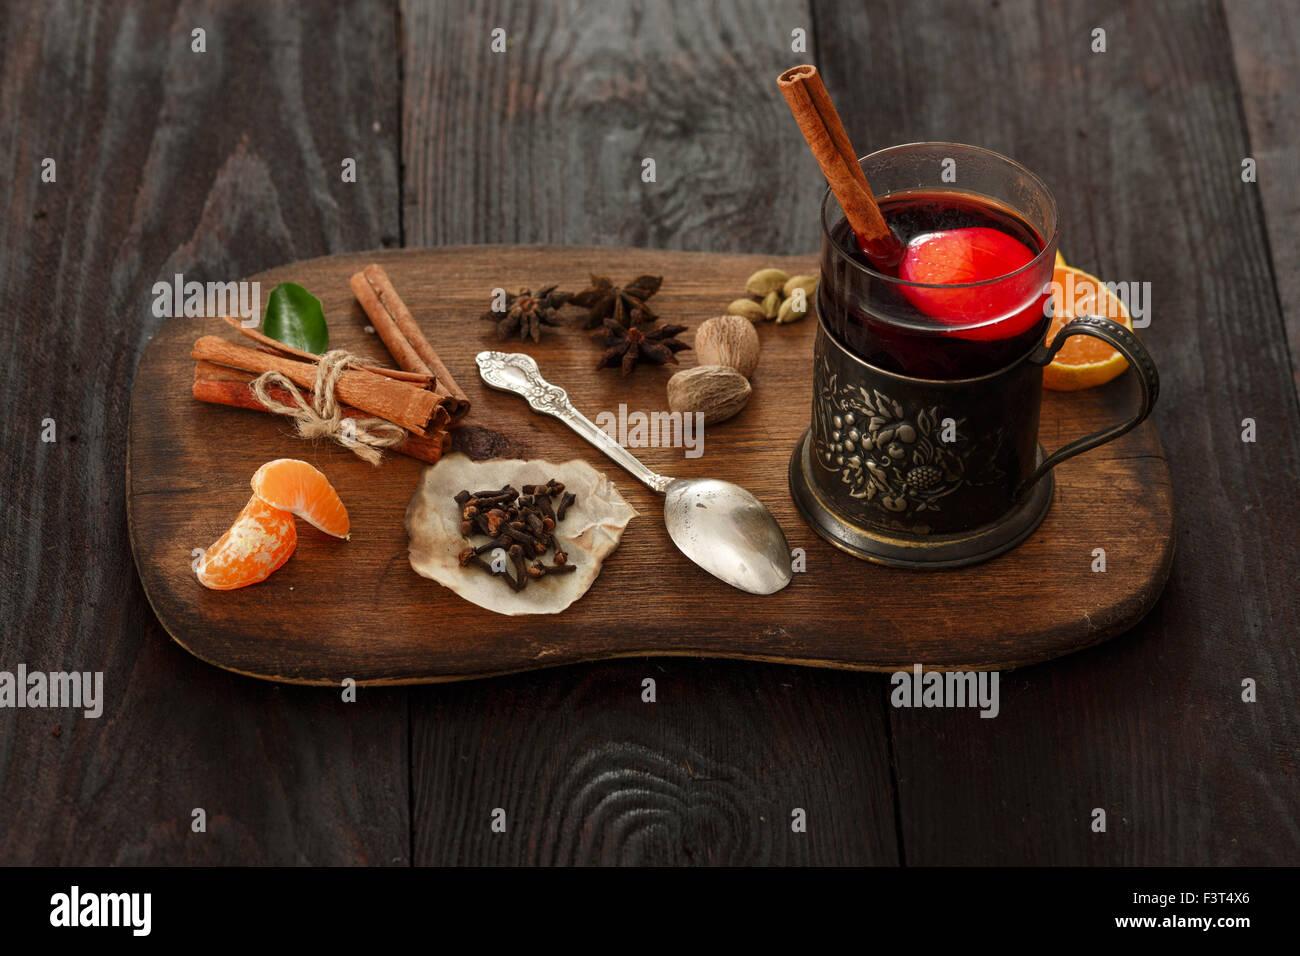 Glas Glühwein (Punch) in Glas-Halter über dunklen Holztisch auf Holzteller mit Gewürzen serviert. Stockfoto